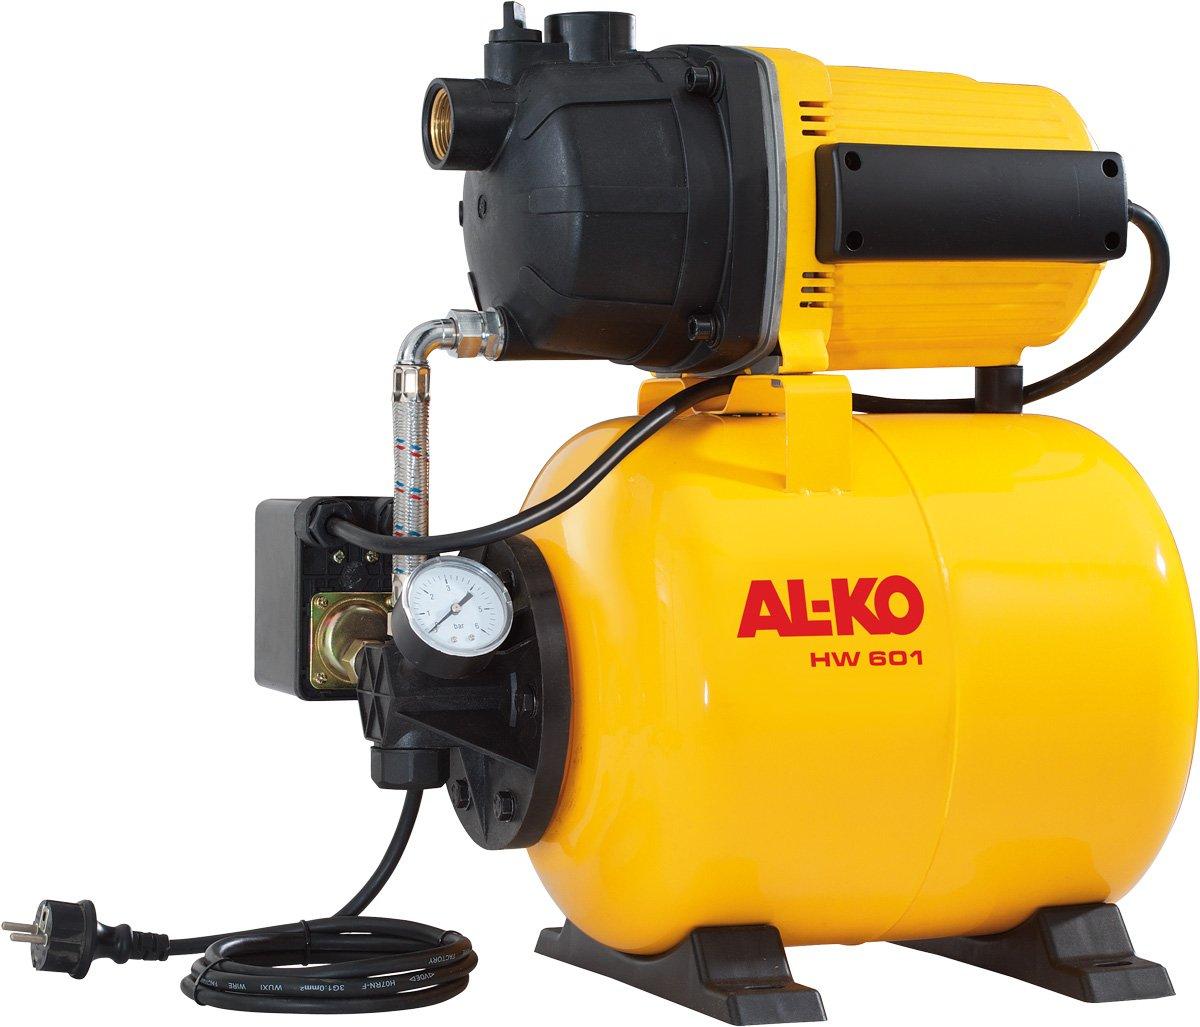 ALKO 112372 HW 601 Hauswasserwerk, 3100 L/h  BaumarktKritiken und weitere Infos